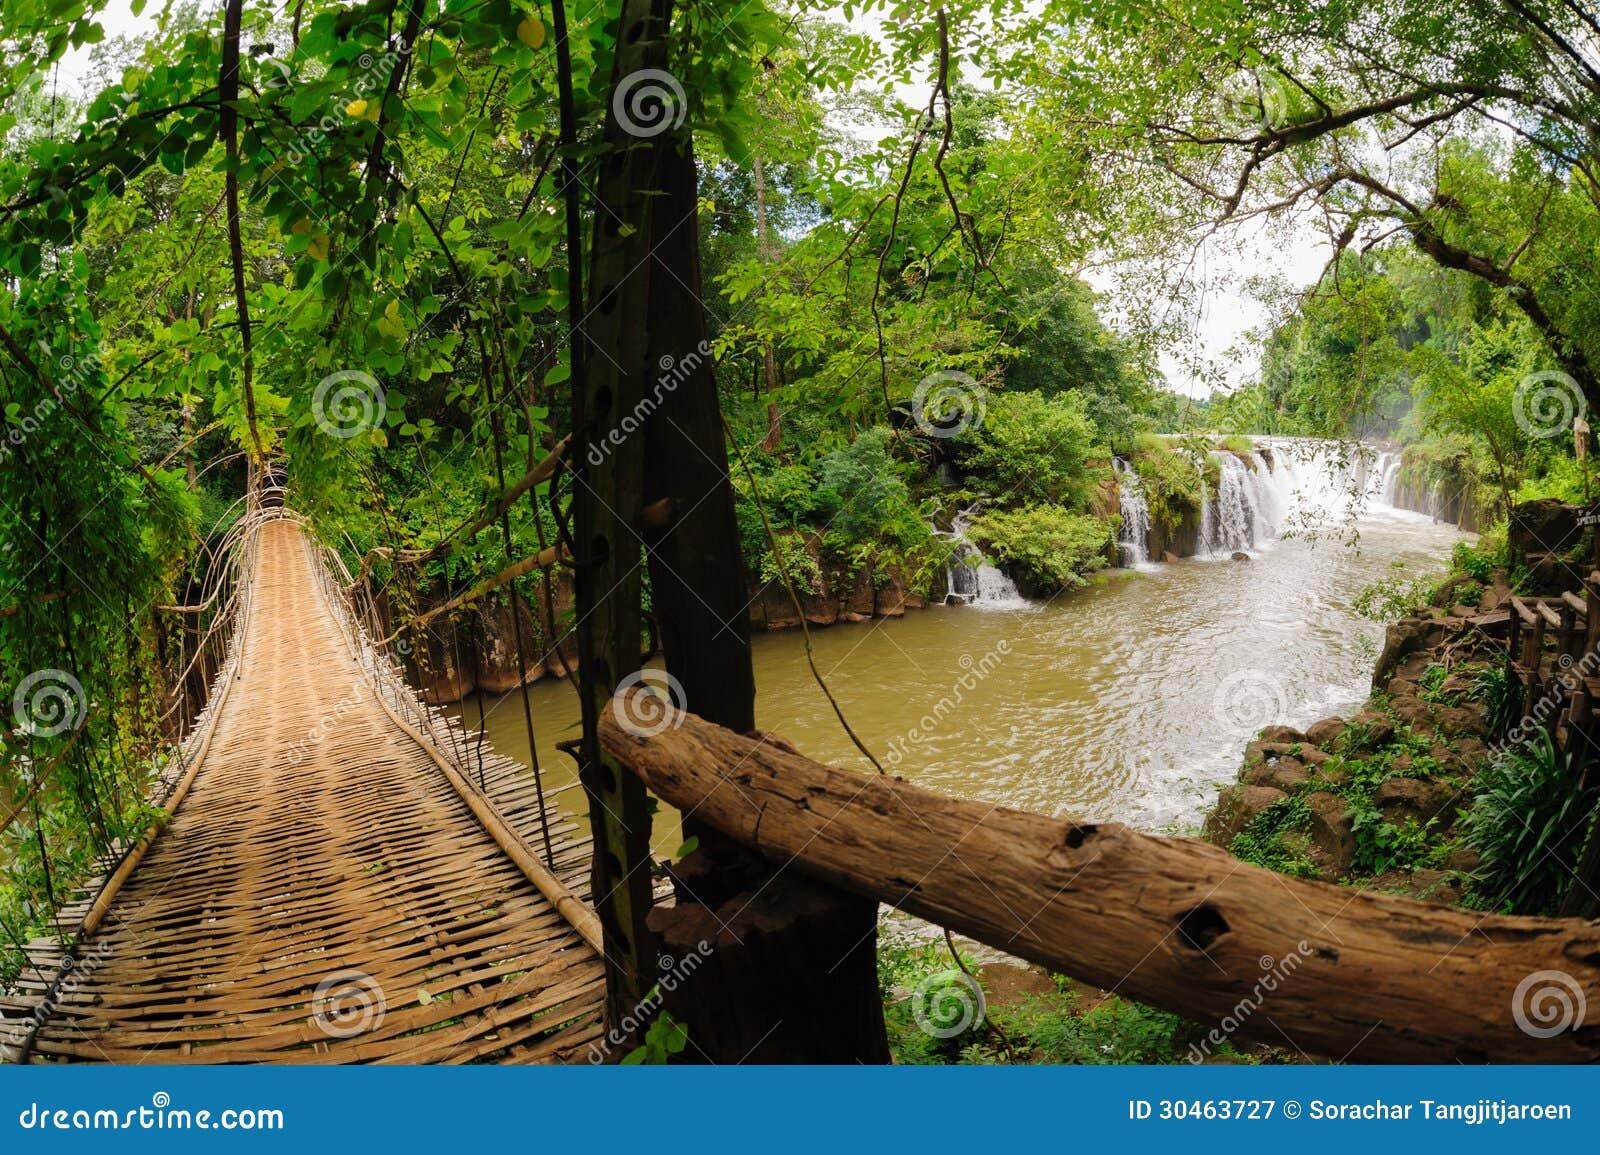 Die Bambusseilbrücke in Tad Pha Souam-Wasserfall, Laos.